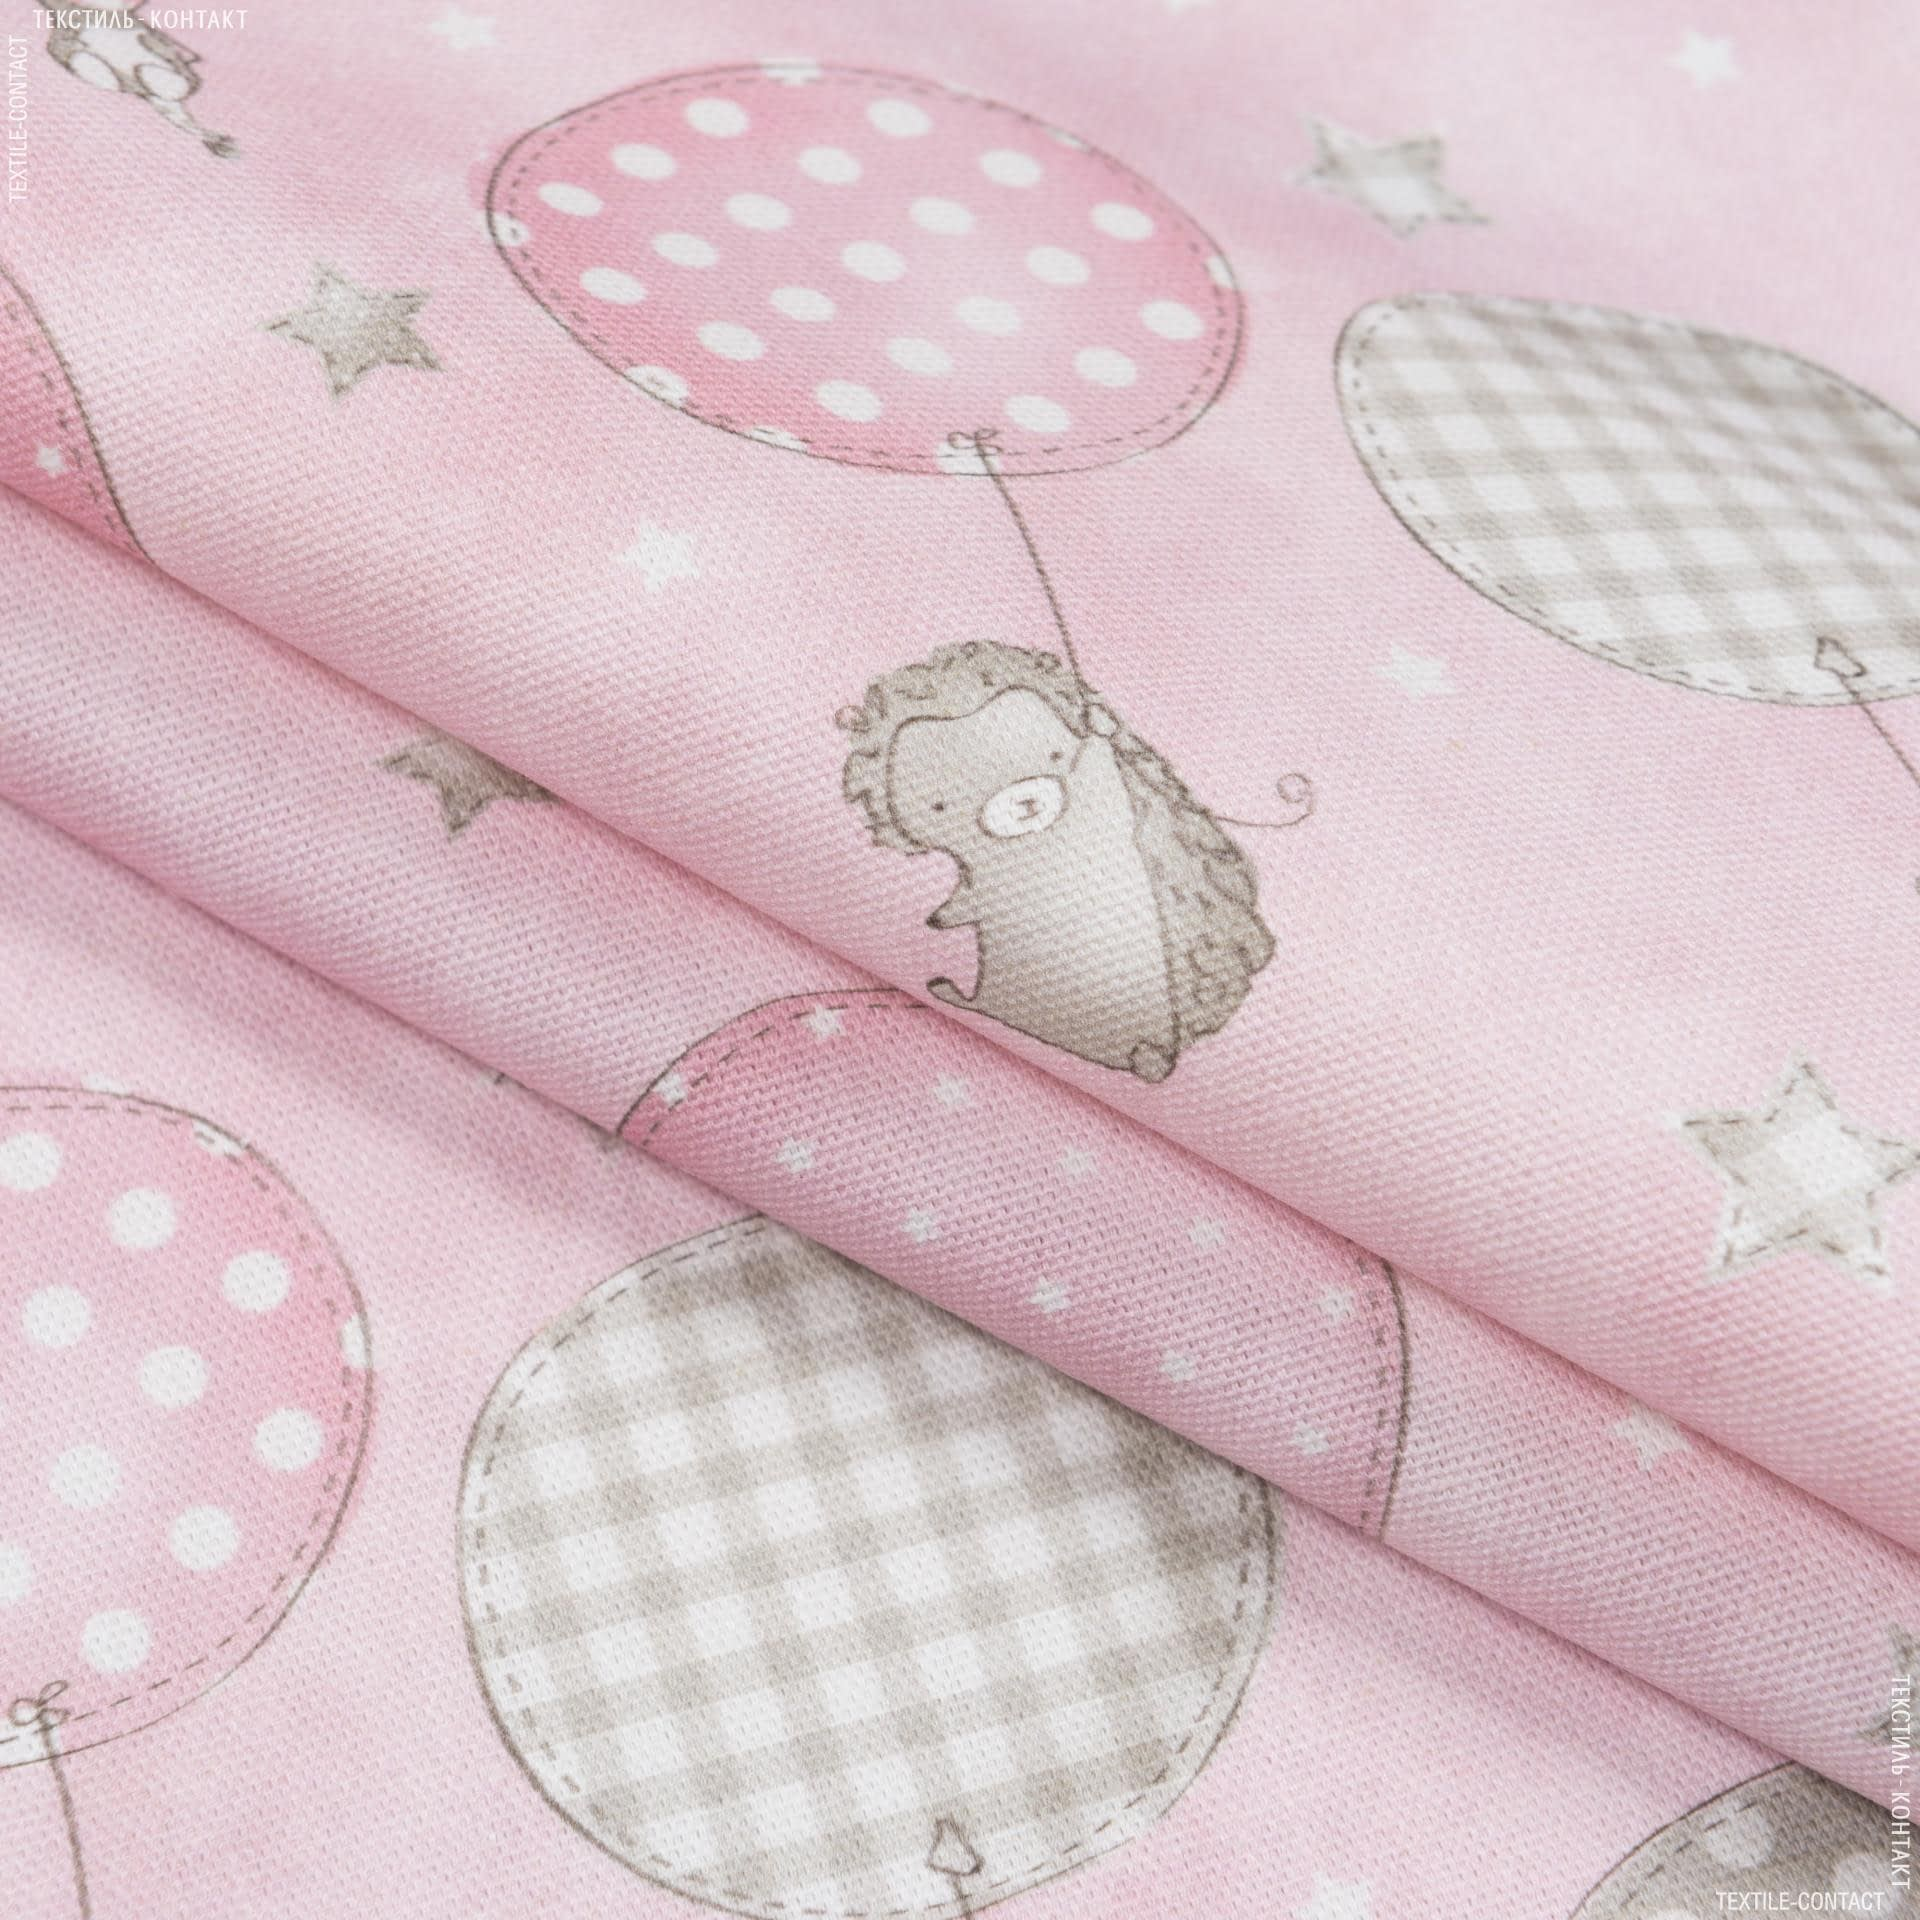 Тканини портьєрні тканини - Декоративна тканина бімбі зверюшки на шарах/bimbi рожевий